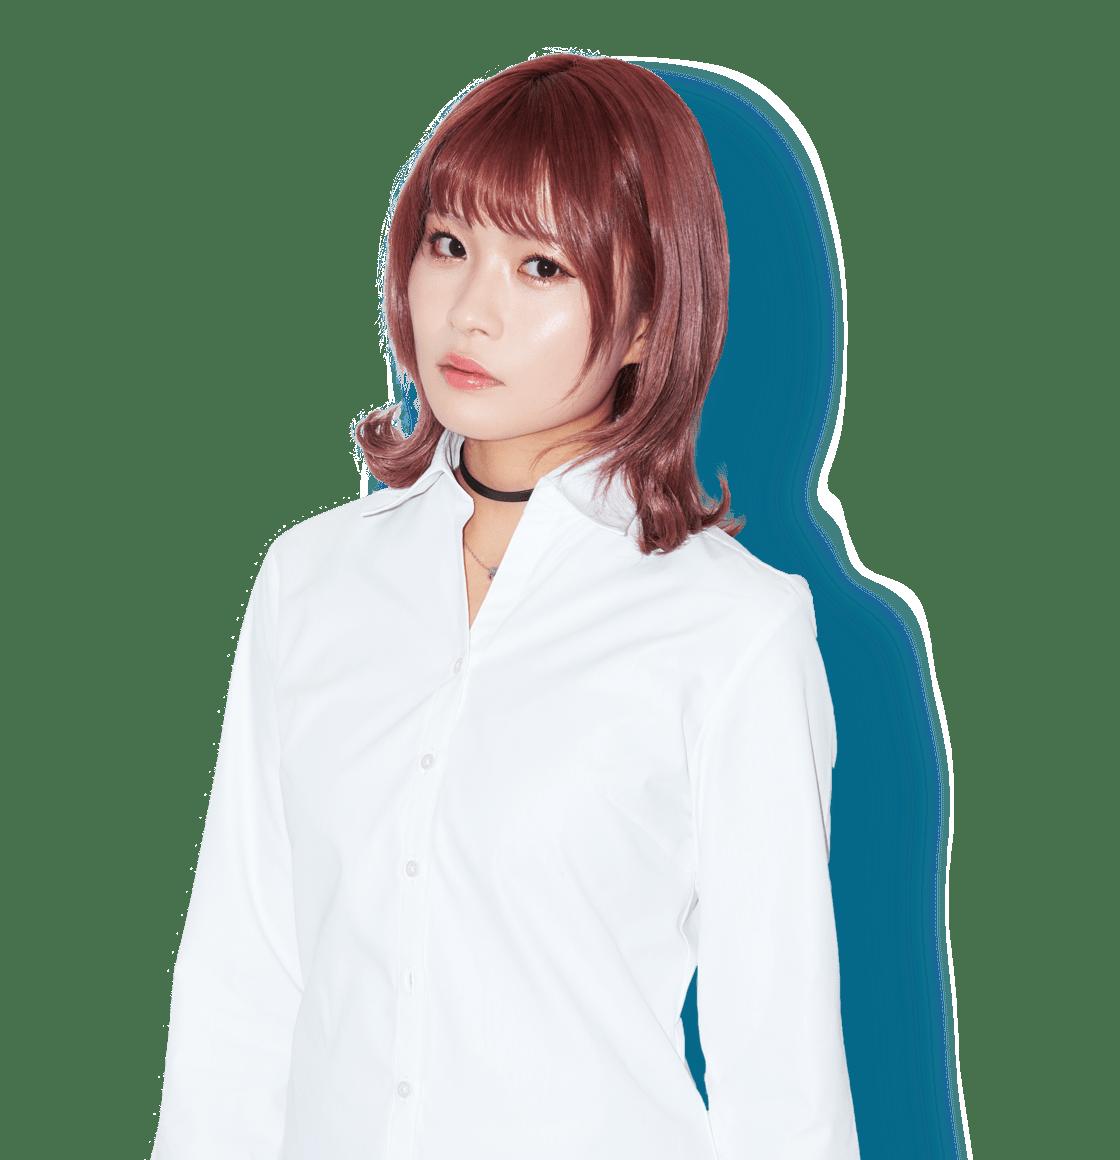 小林ひろみのシャツ画像